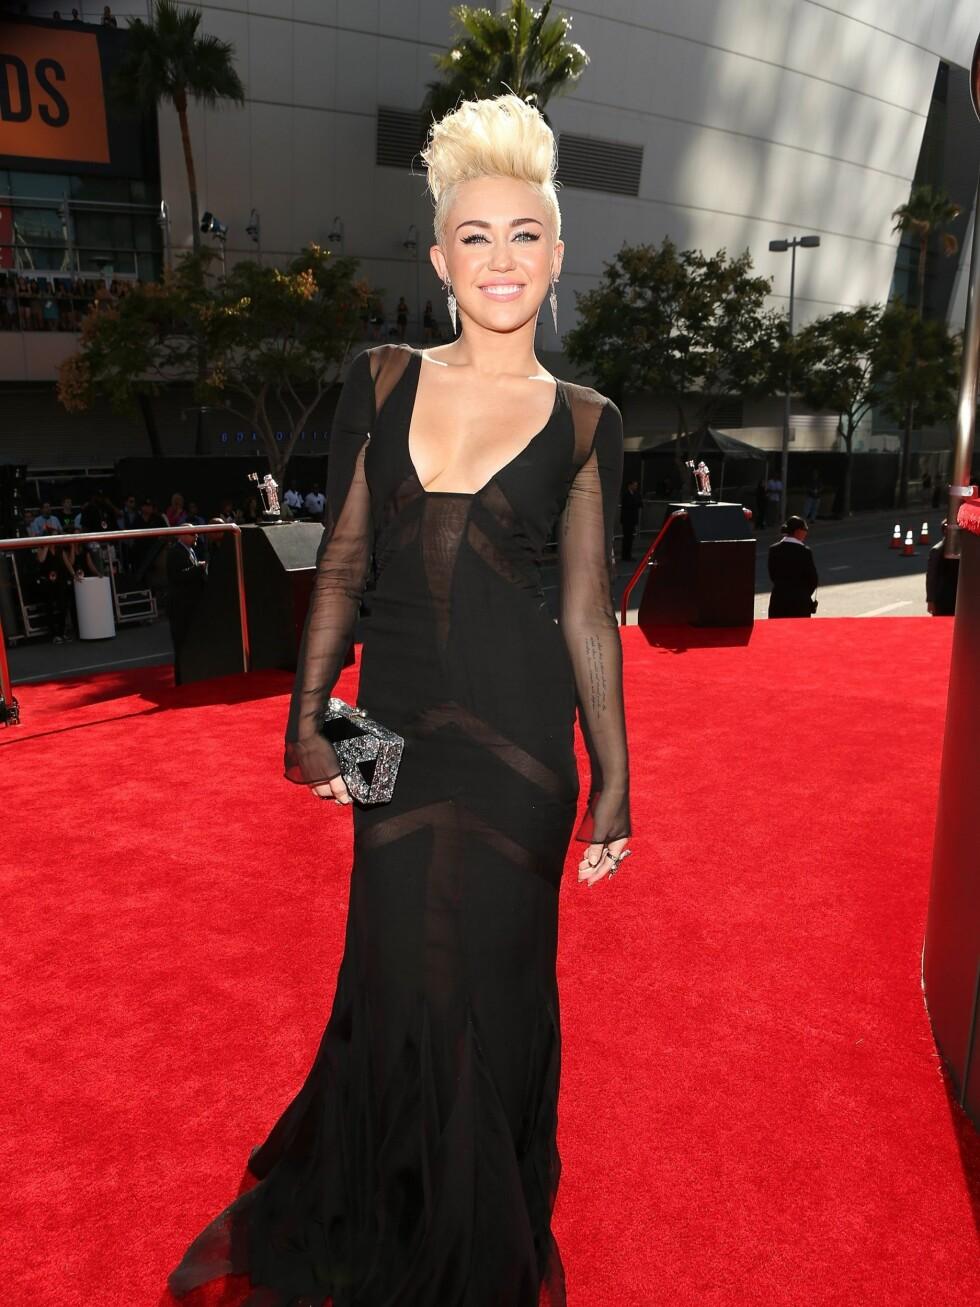 Popstjerne og skuespiller Miley Cyrus stilte i en svart kjole signert Emilio Pucci , Edie Parker clutch og smykker fra Lorraine Schwartz. Foto: All Over Press